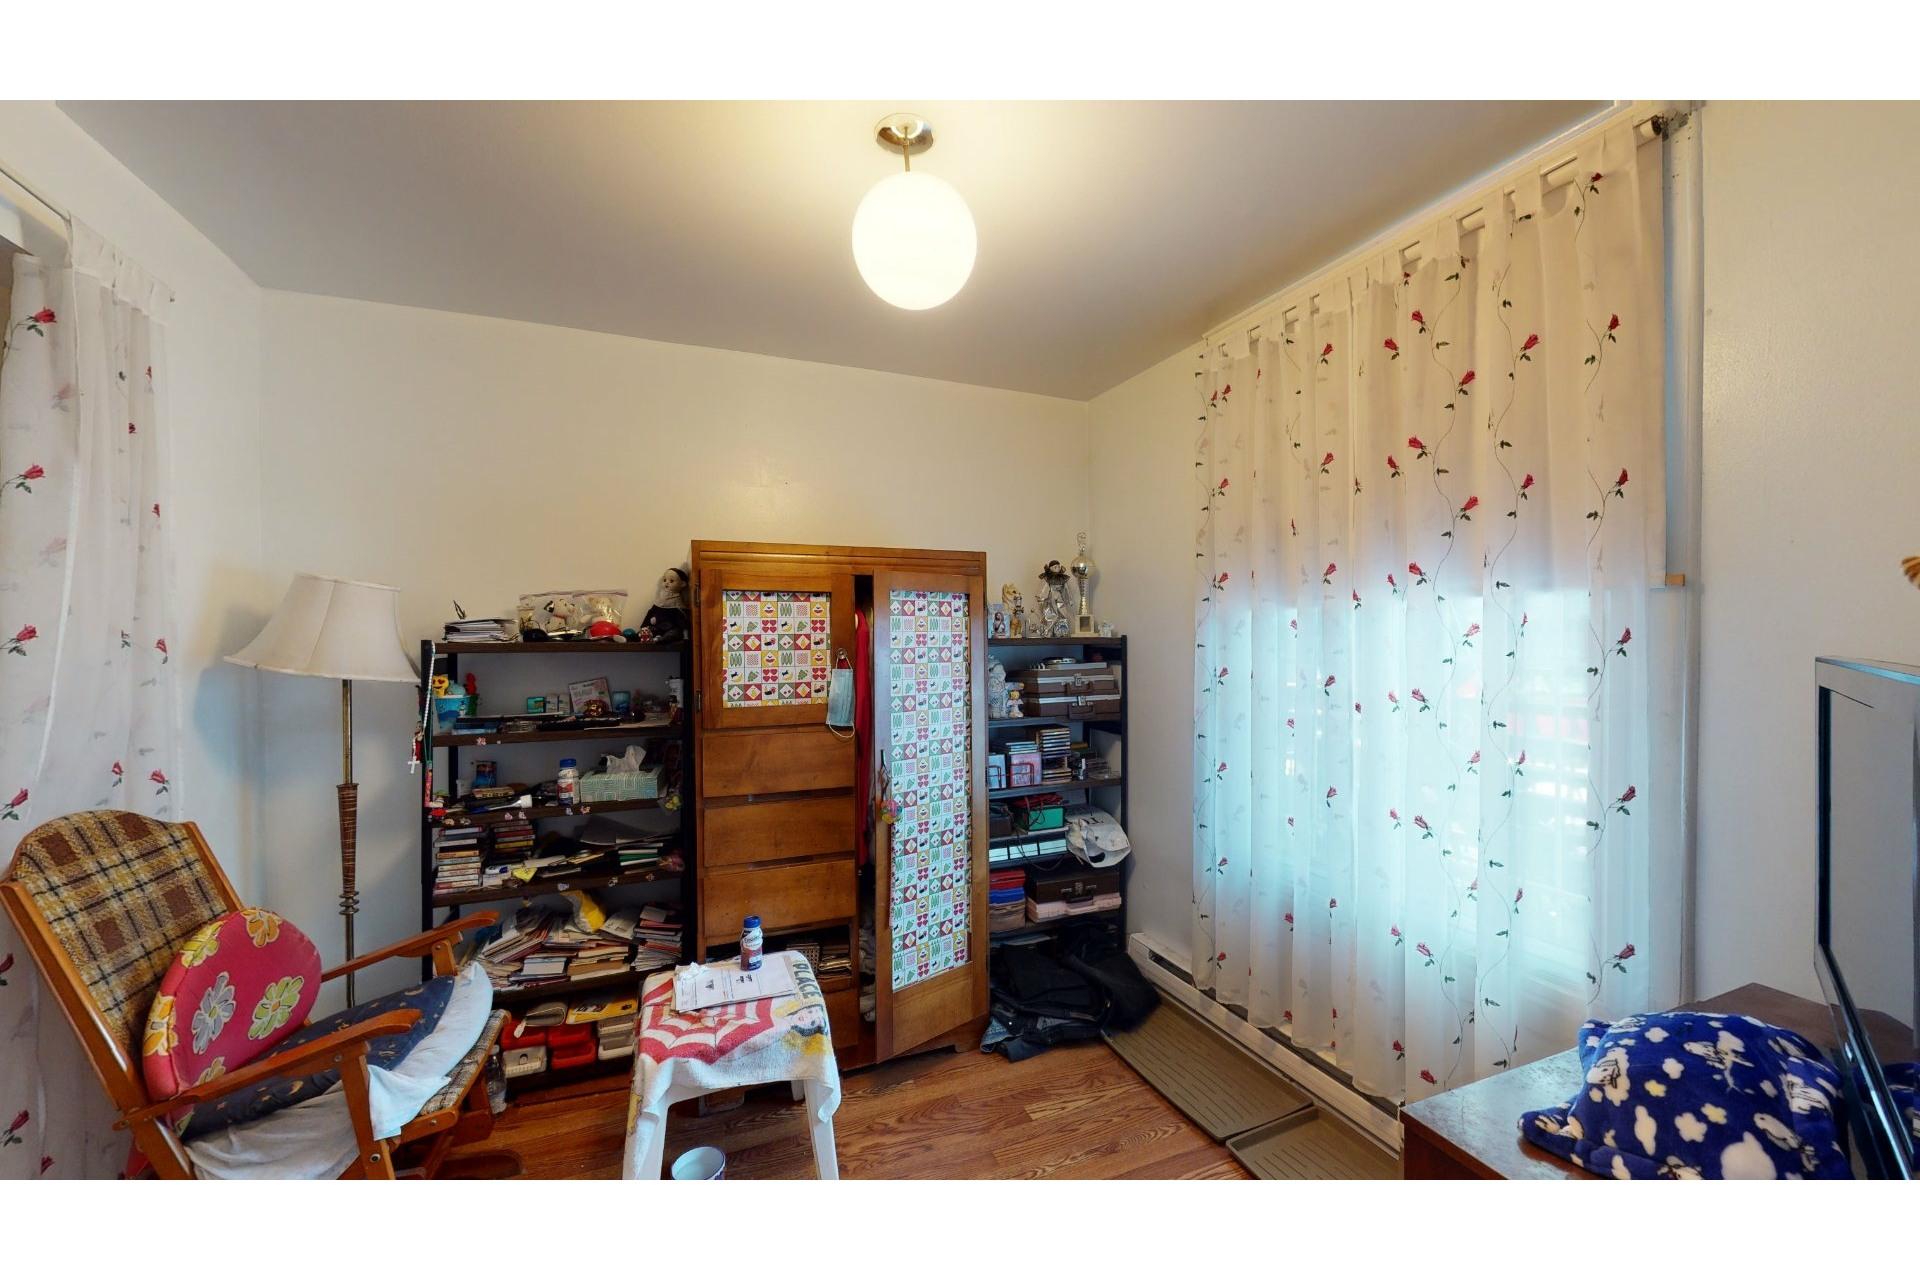 image 7 - Duplex À vendre Rosemont/La Petite-Patrie Montréal  - 7 pièces